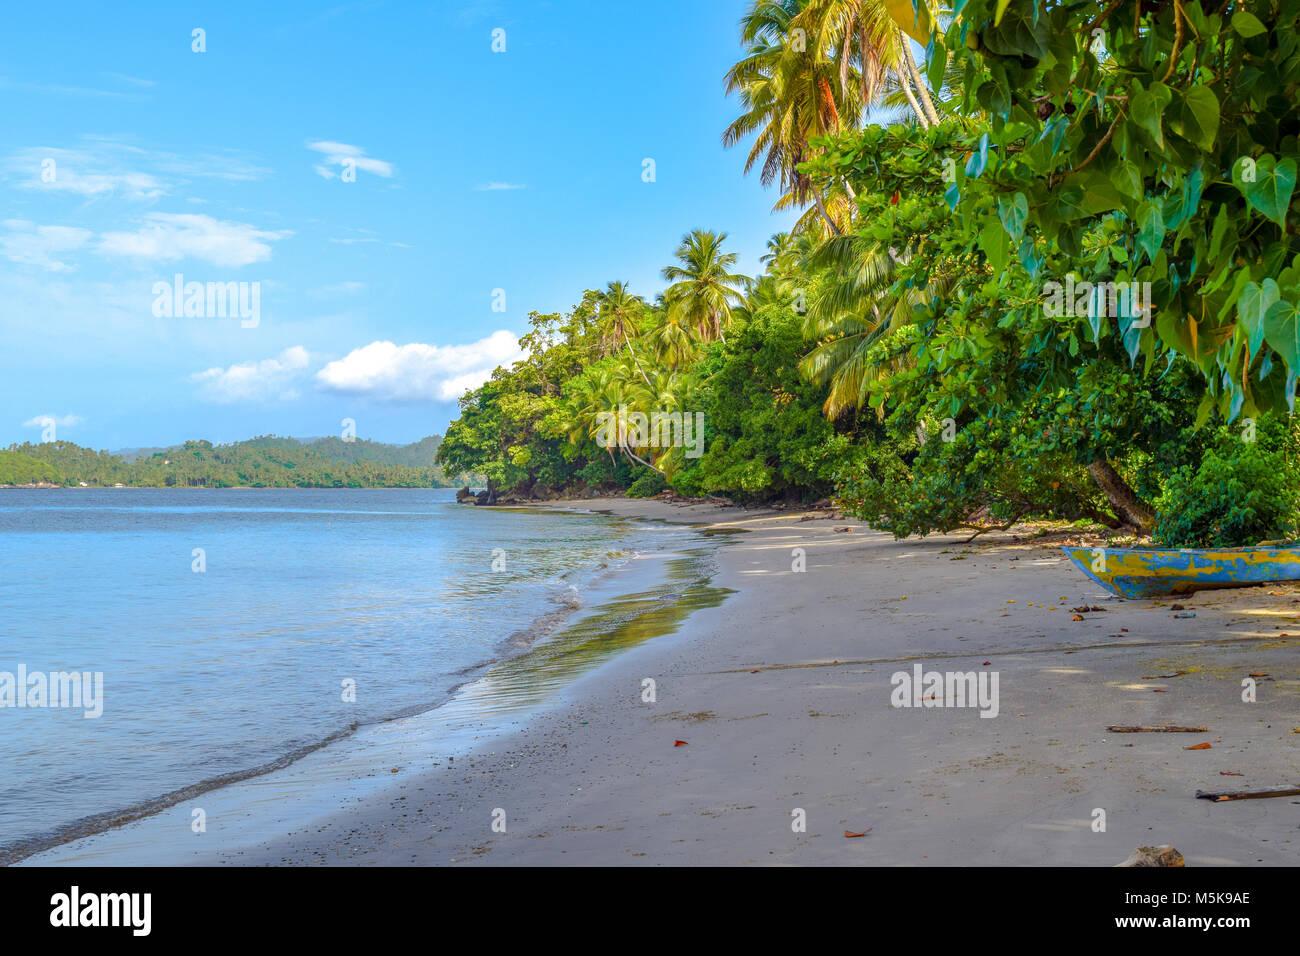 Palmen und einem alten Boot, Sandstrand, Dominikanische Republik, Karibik Stockbild